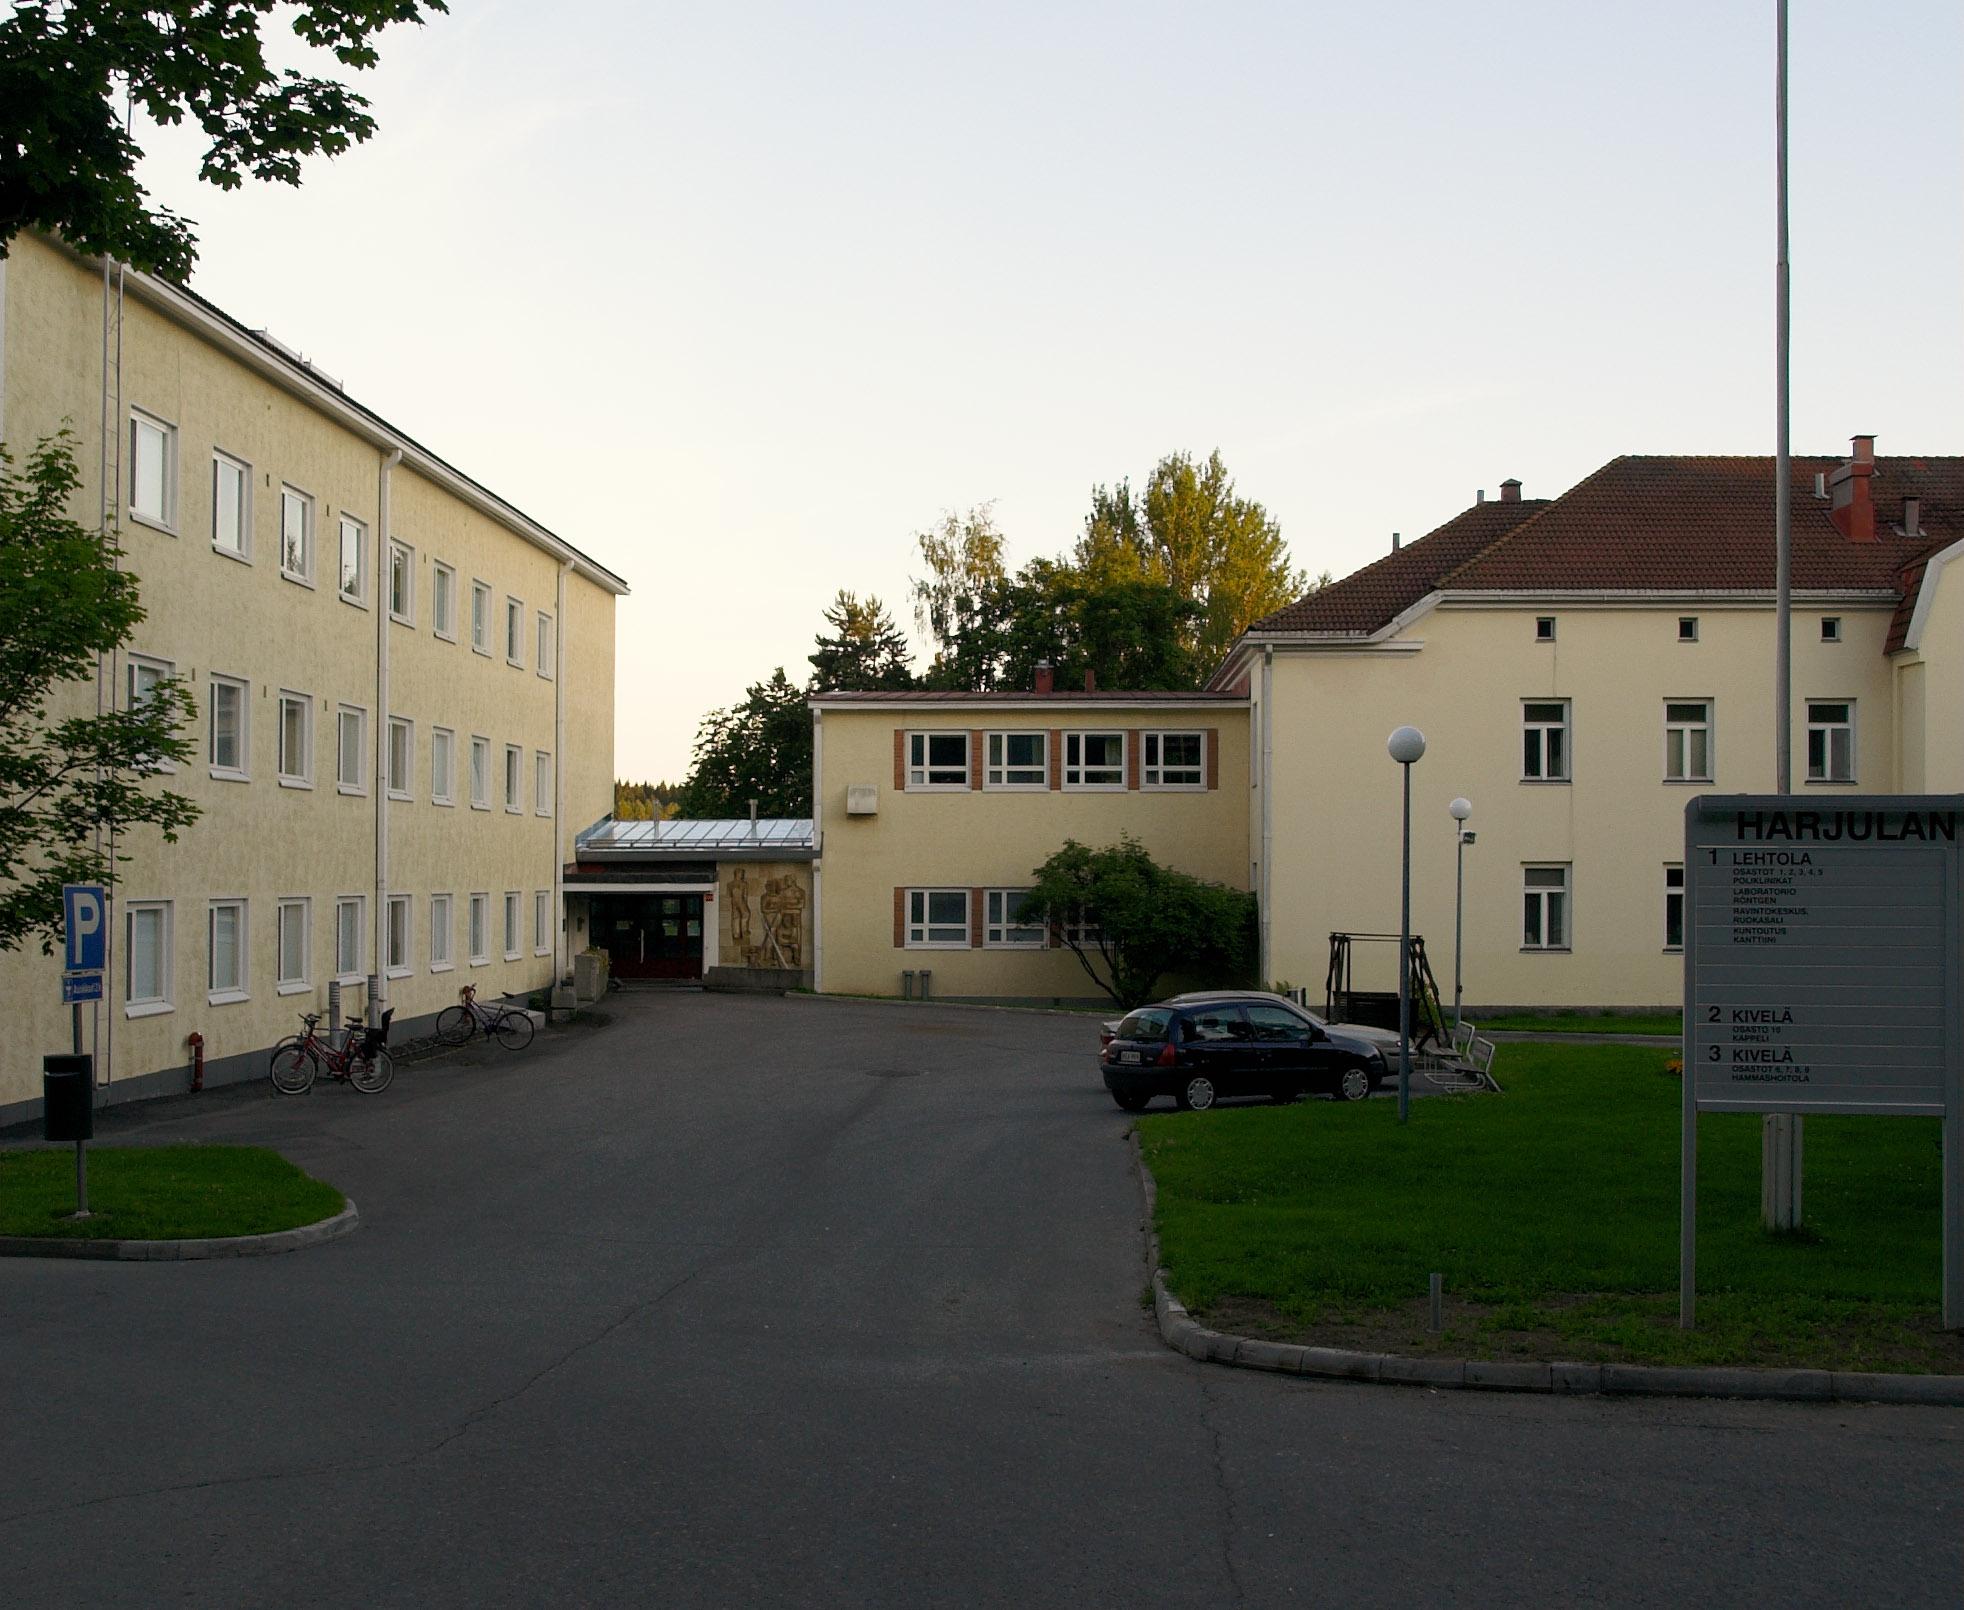 Harjulan Sairaala Kuopio